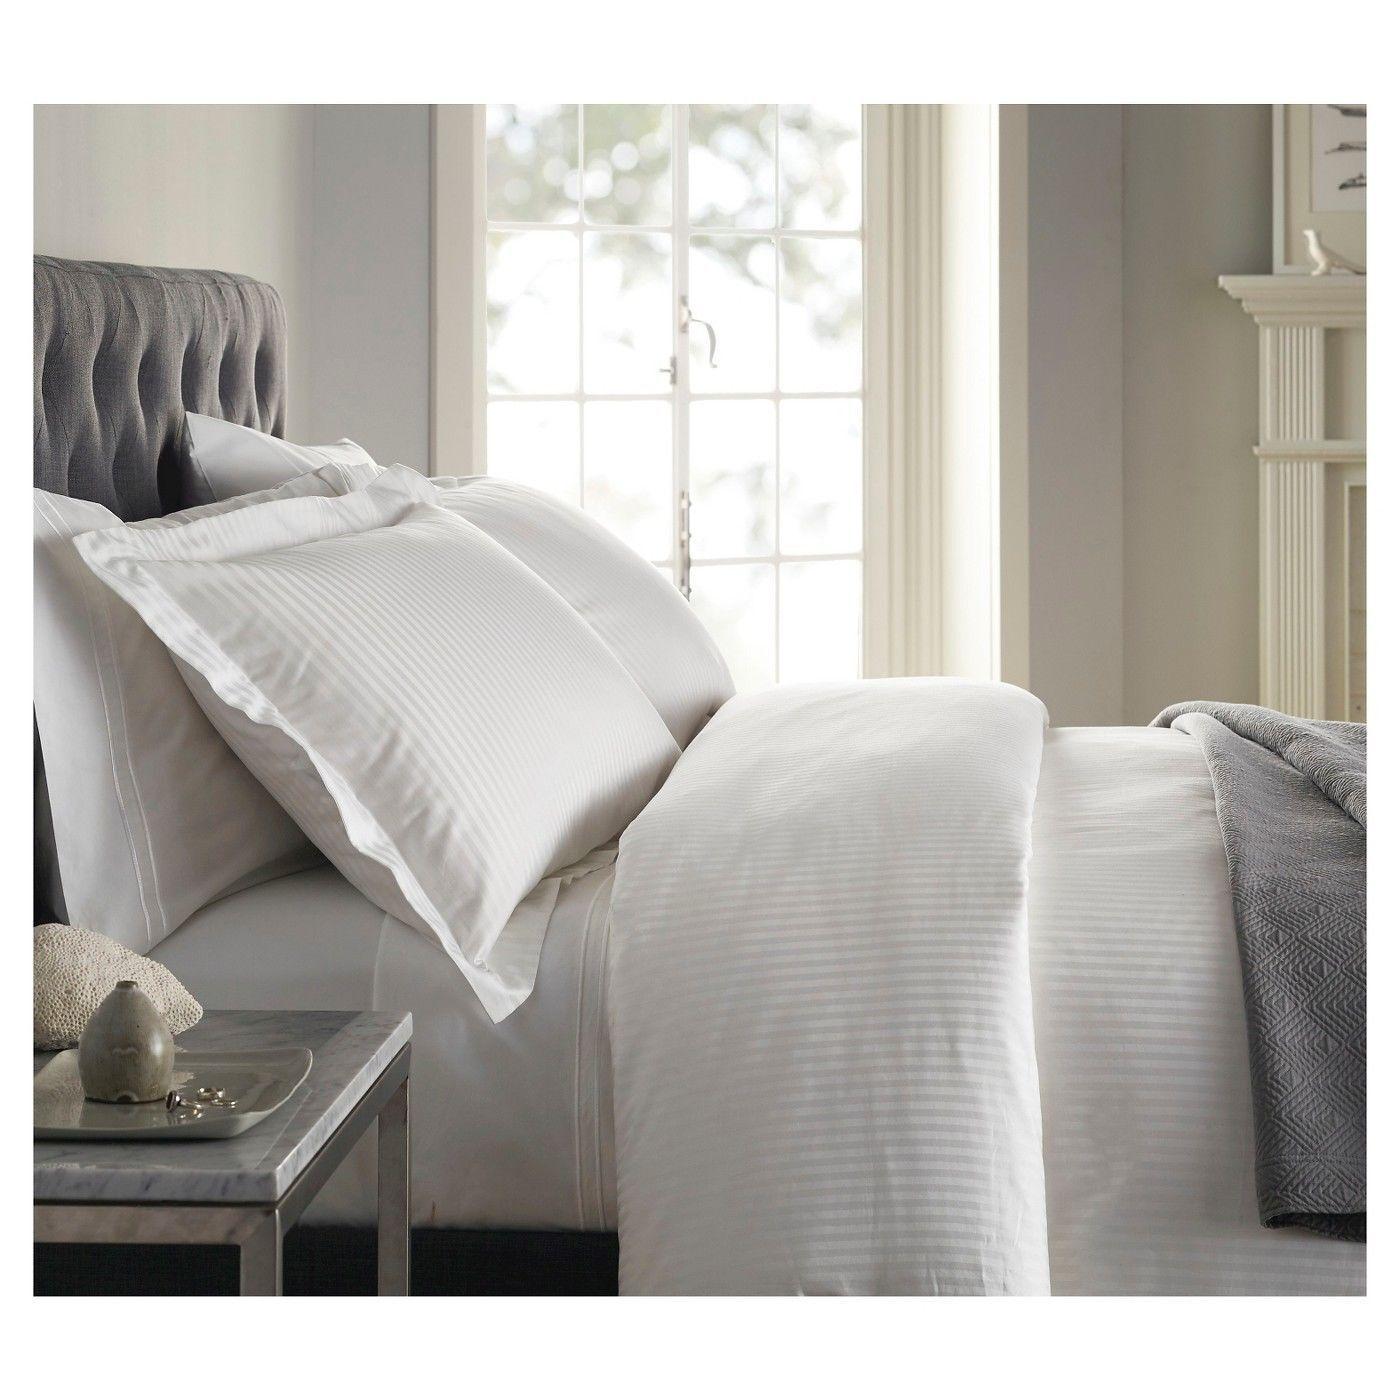 New Fieldcrest White Damask 500TC 100% Cotton Queen Duvet Cover Set 3pc